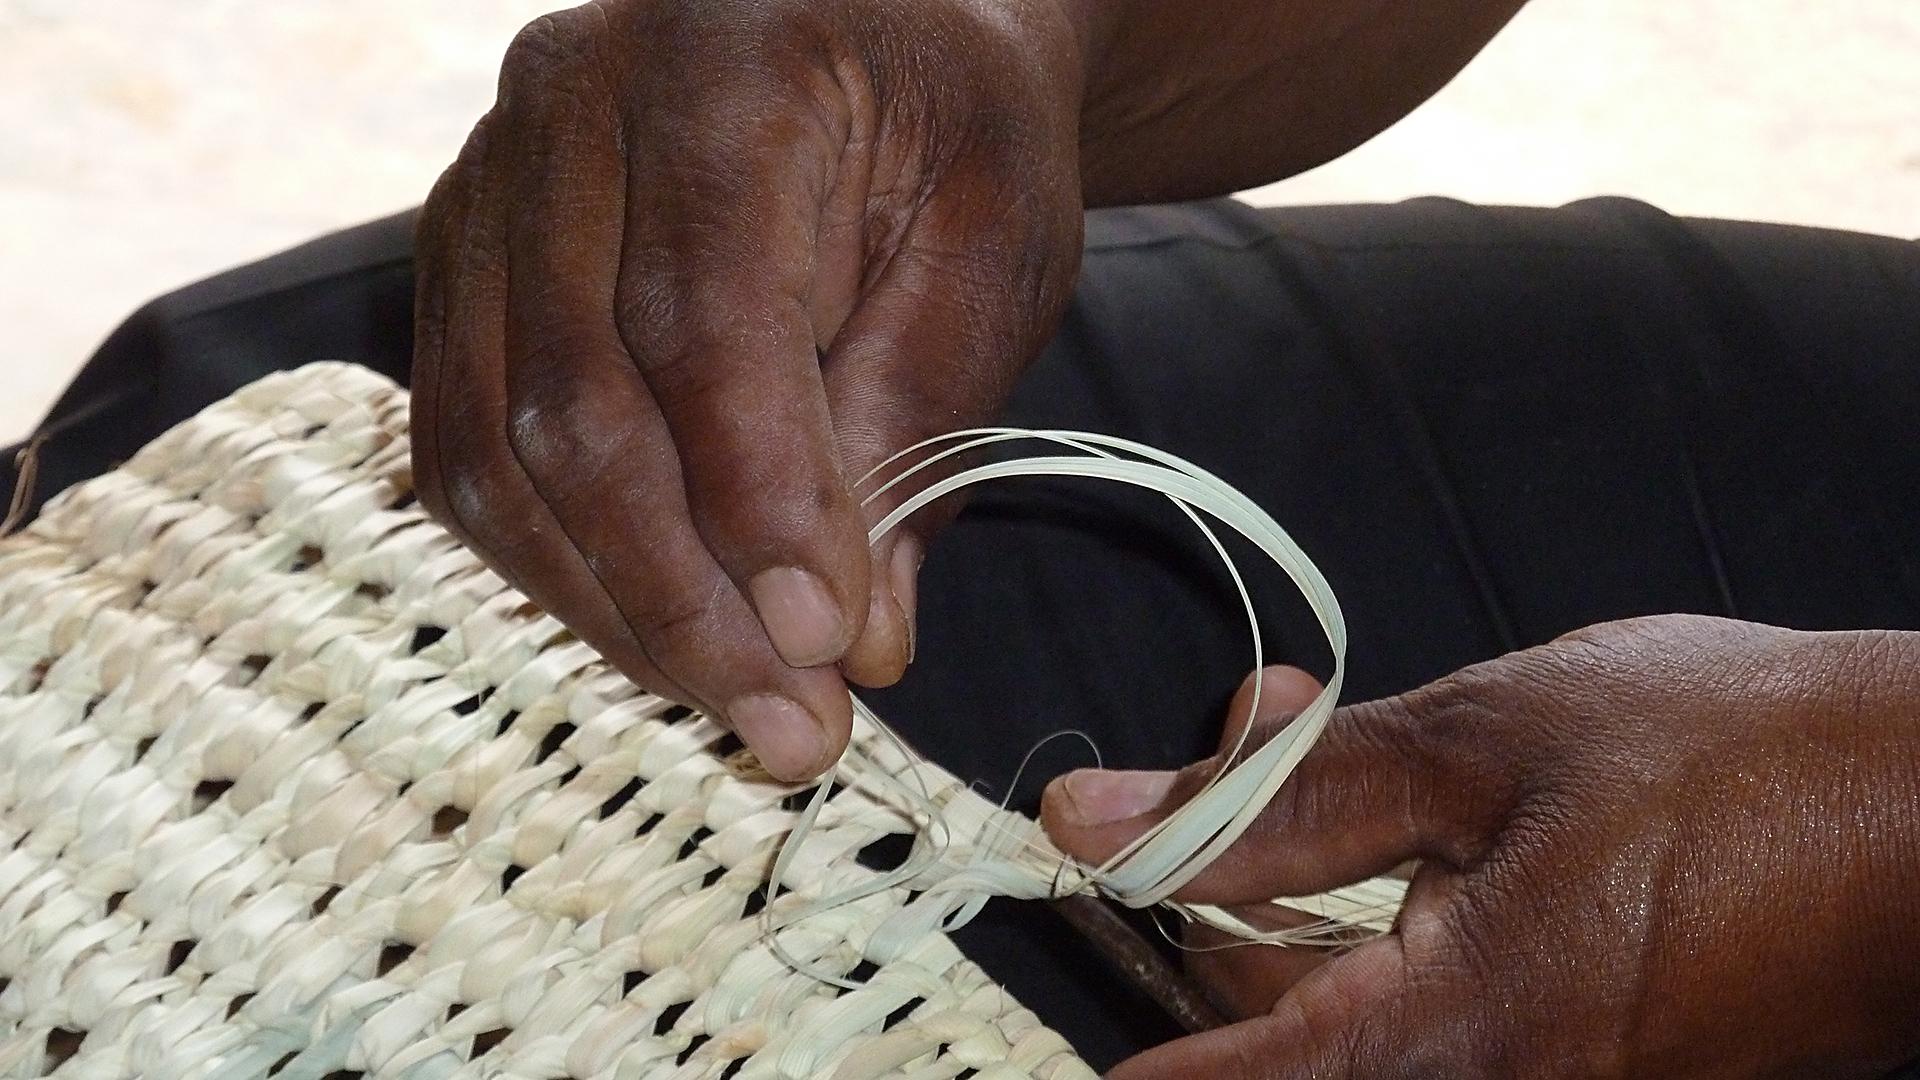 Die Produzenten haben Anspruch auf eine kostenlose Vorfinanzierung von der GEPA, damit sie z. B. davon Rohmaterial kaufen können.